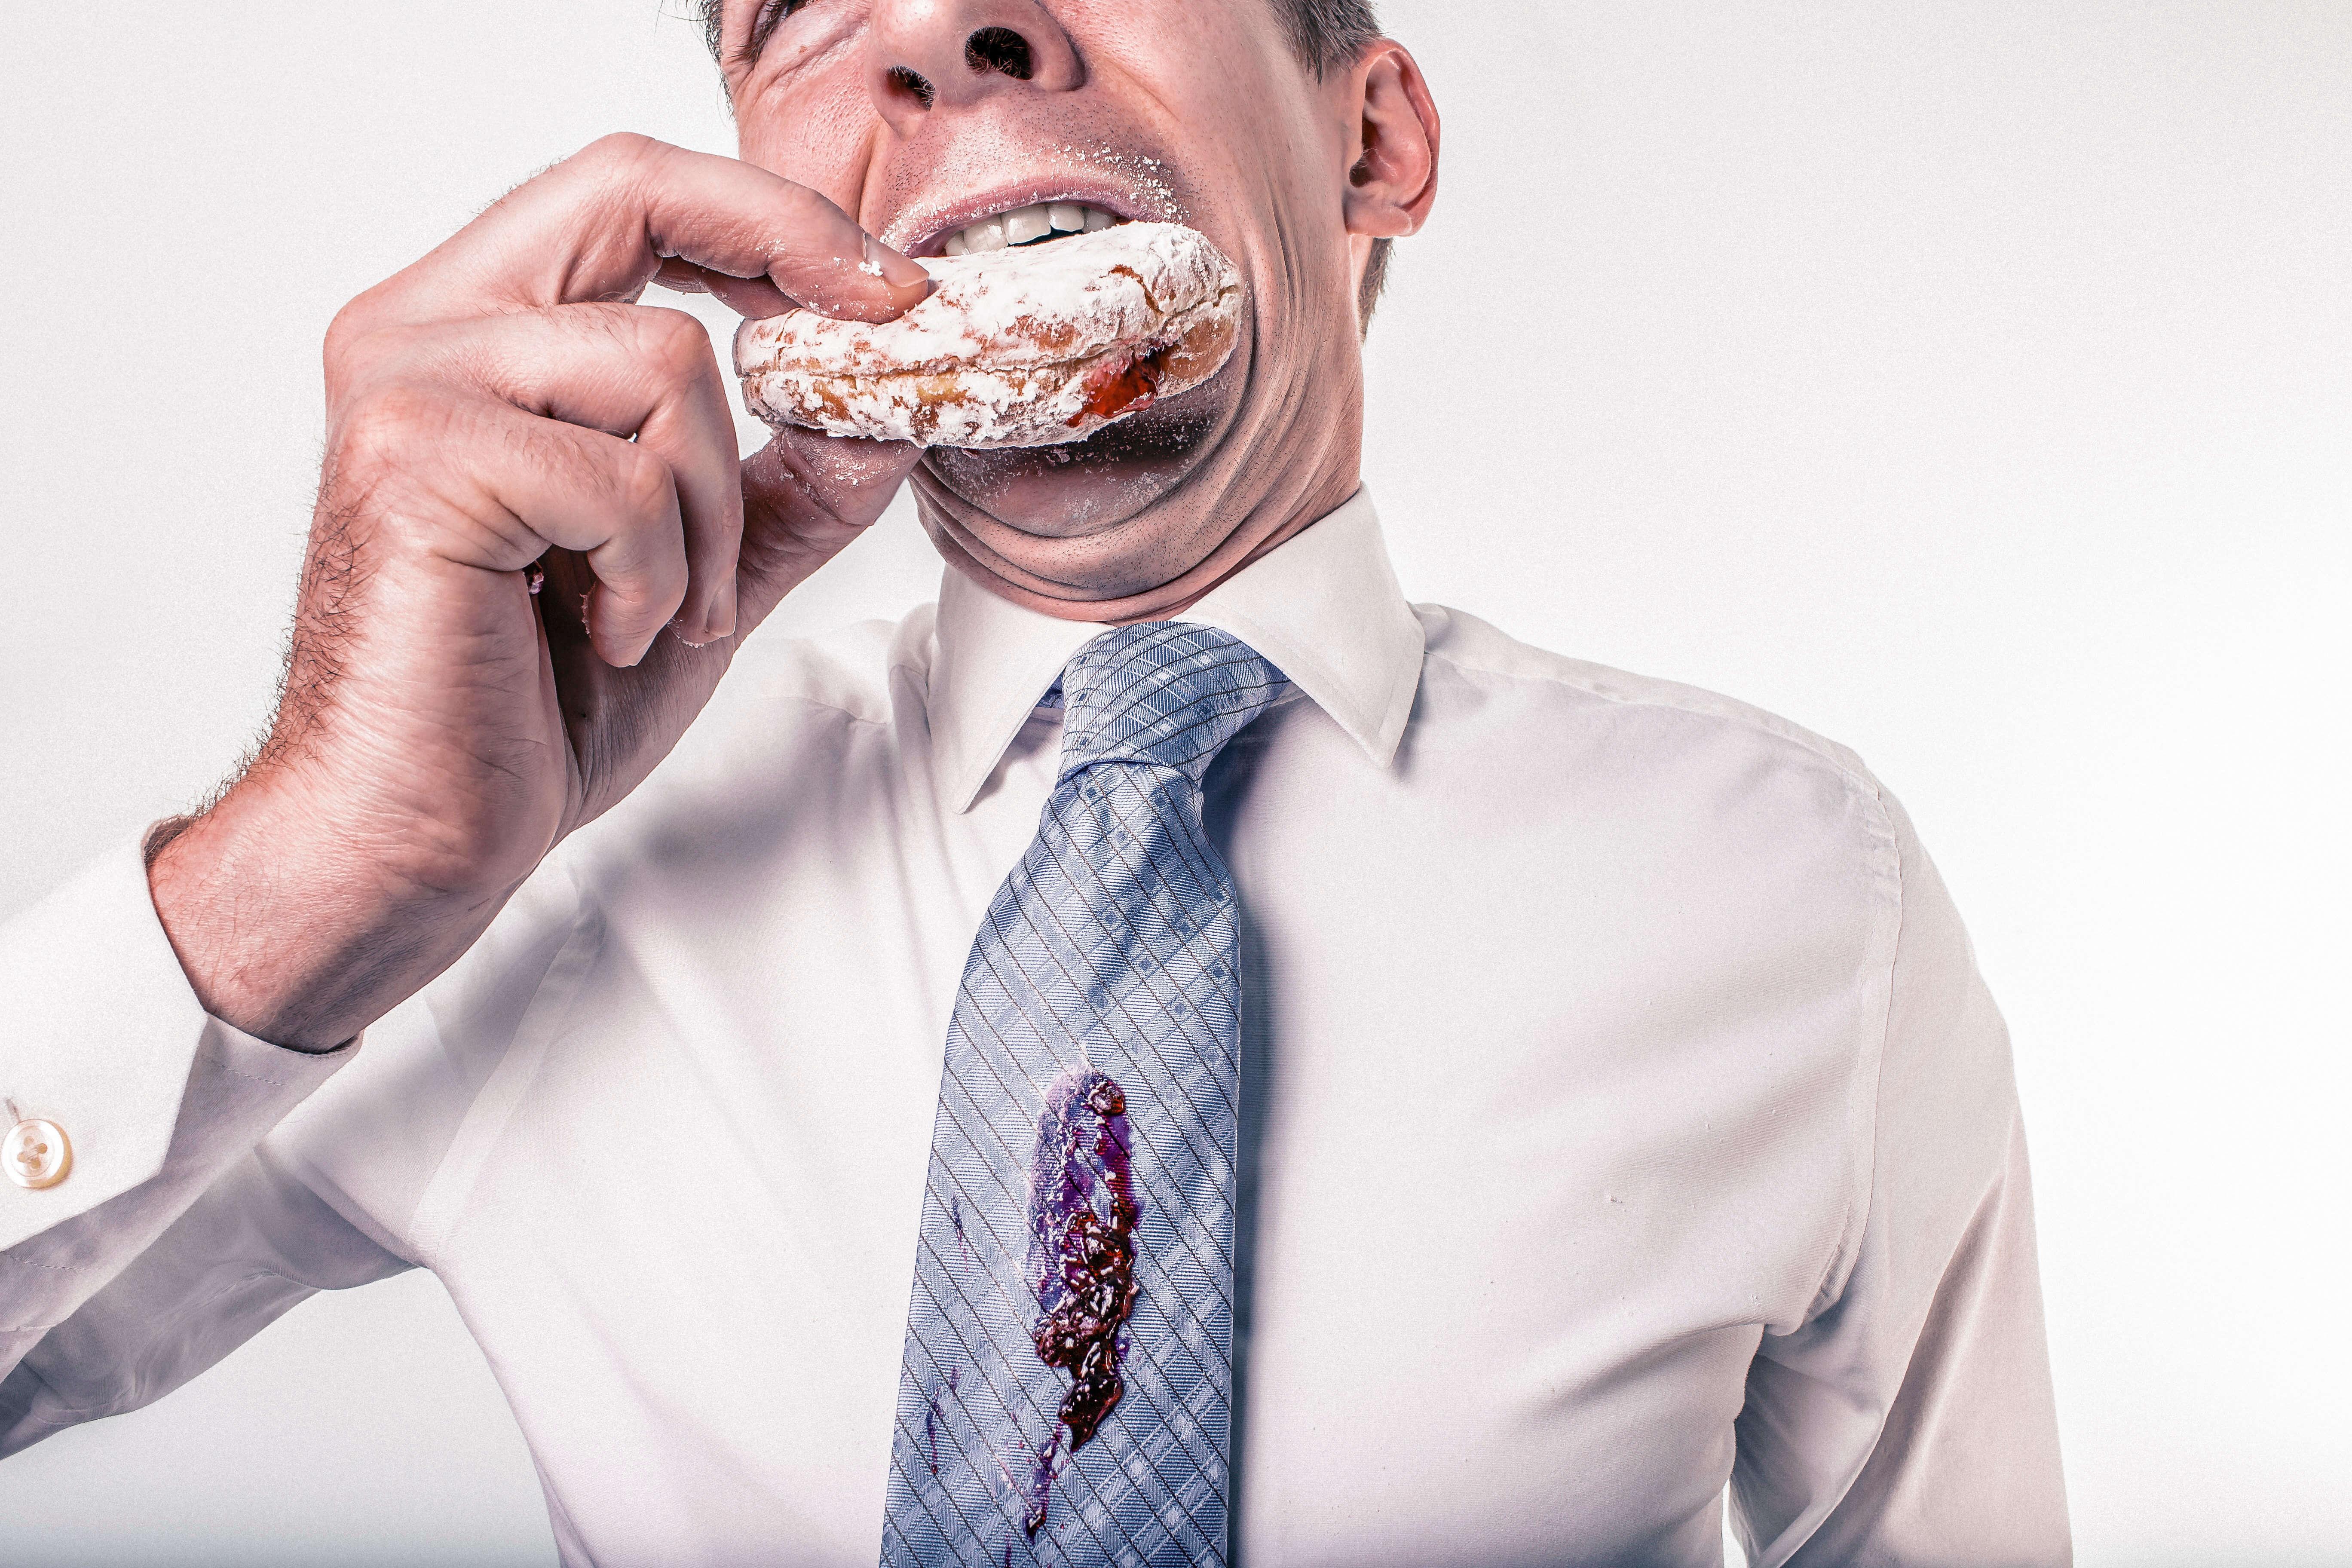 食べ方が汚い男性の画像